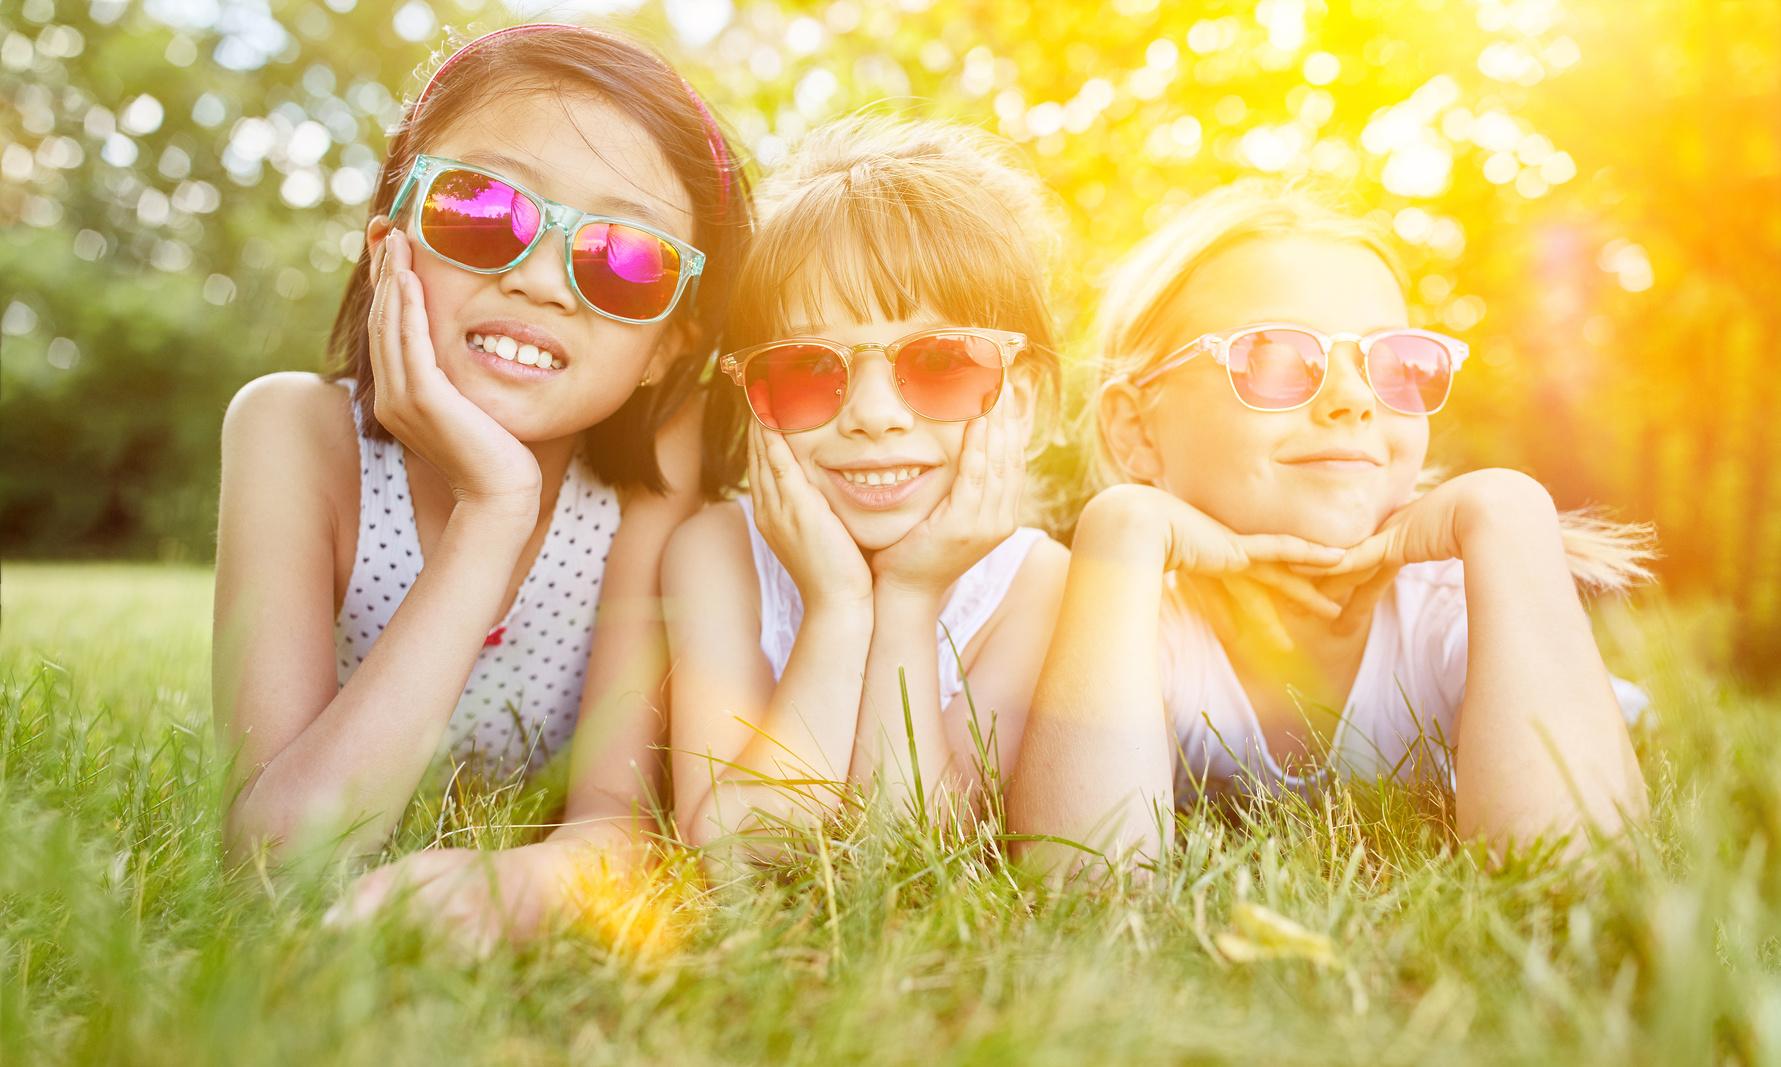 Mädchen mit Sonnenbrille auf Wiese im Sommer